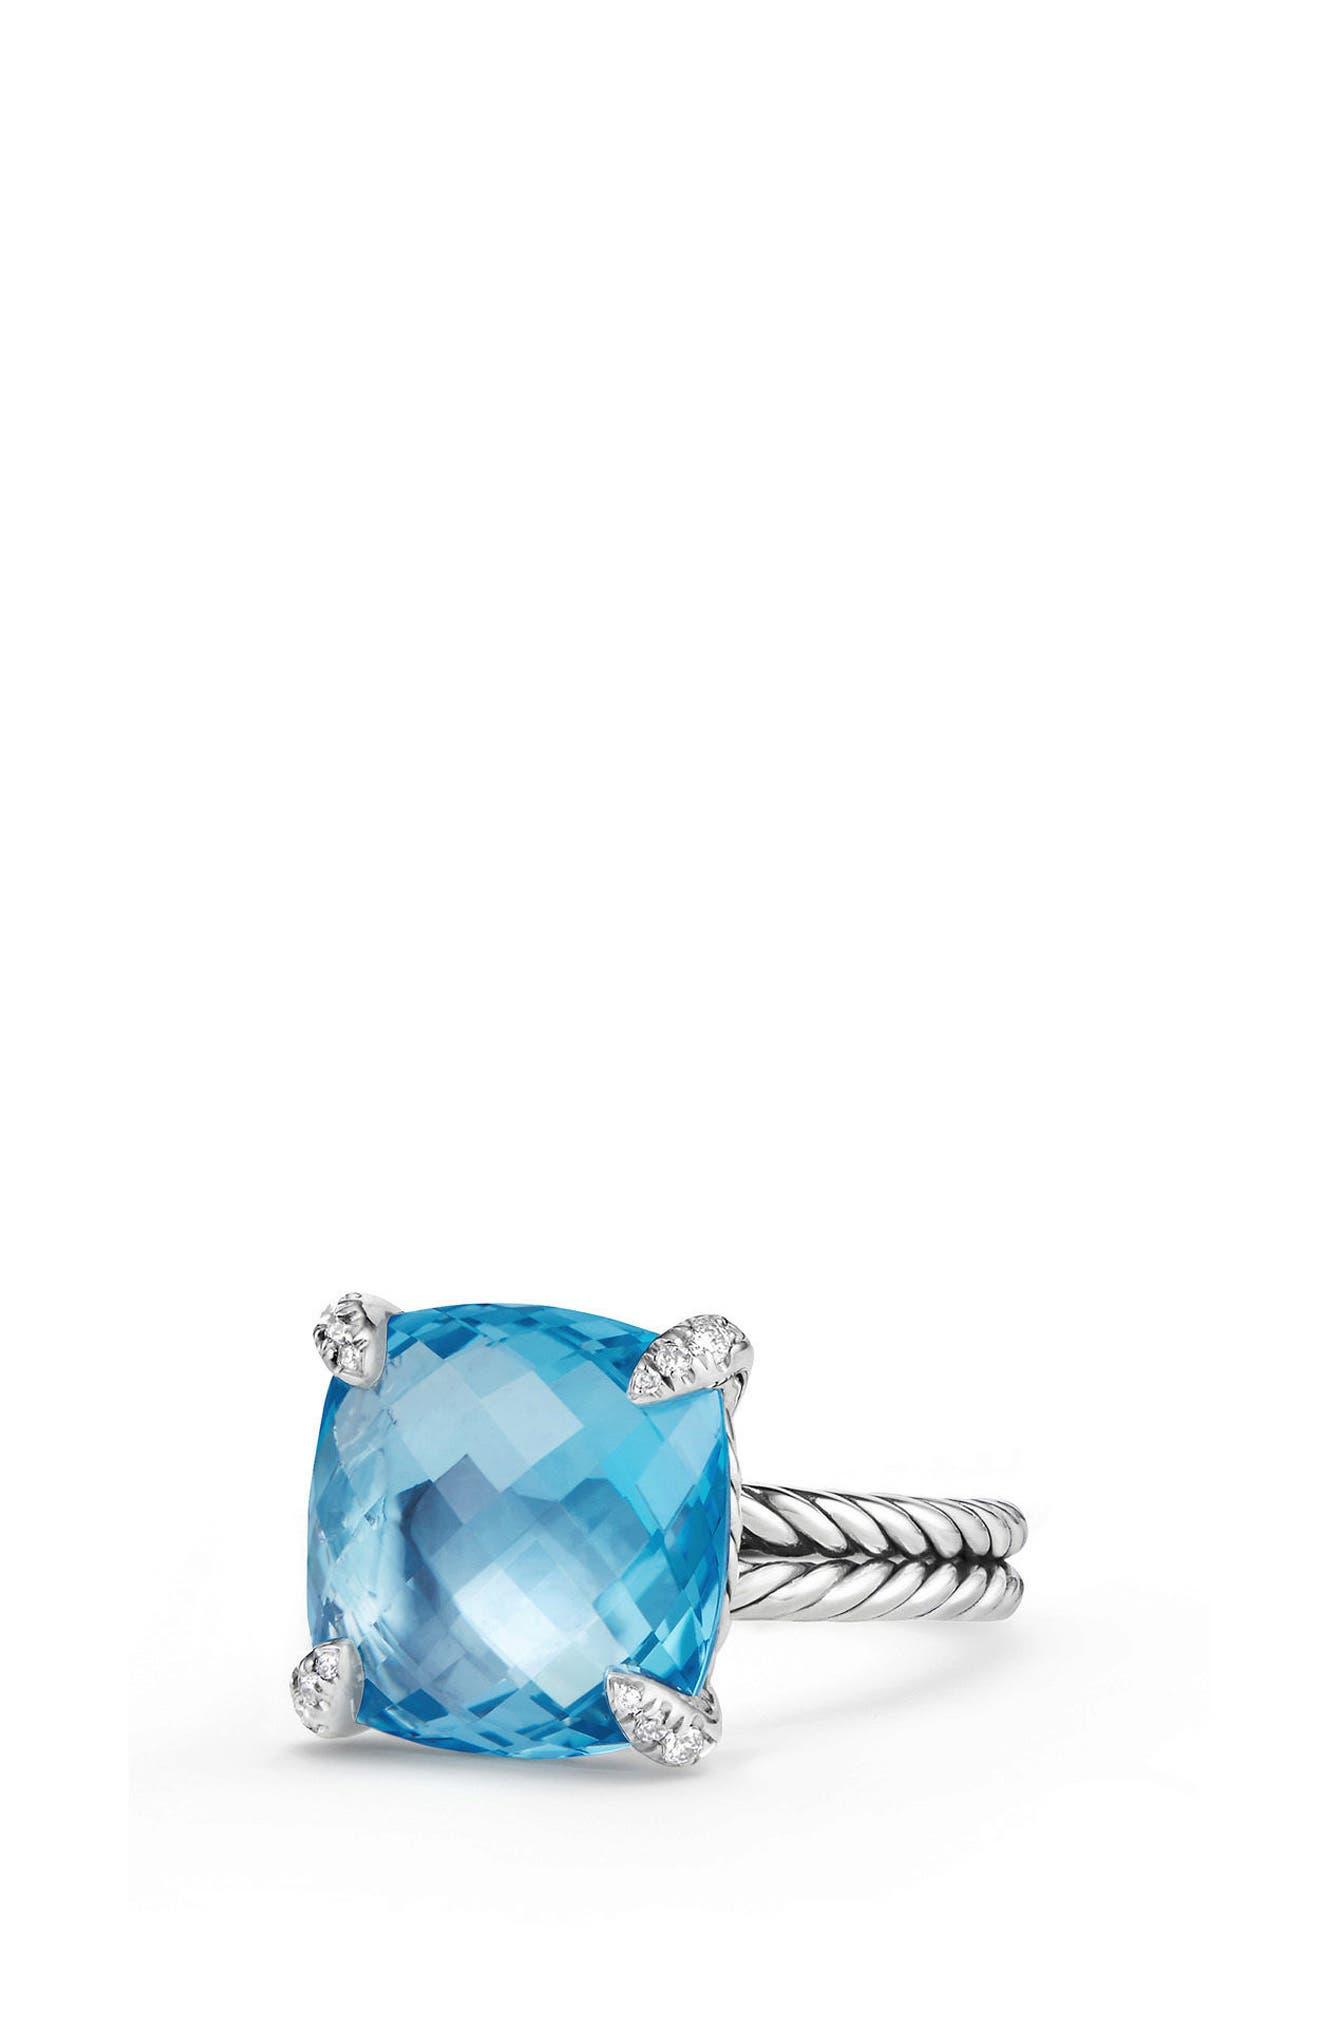 Main Image - David Yurman Châtelaine Ring with Semiprecious Stone & Diamonds